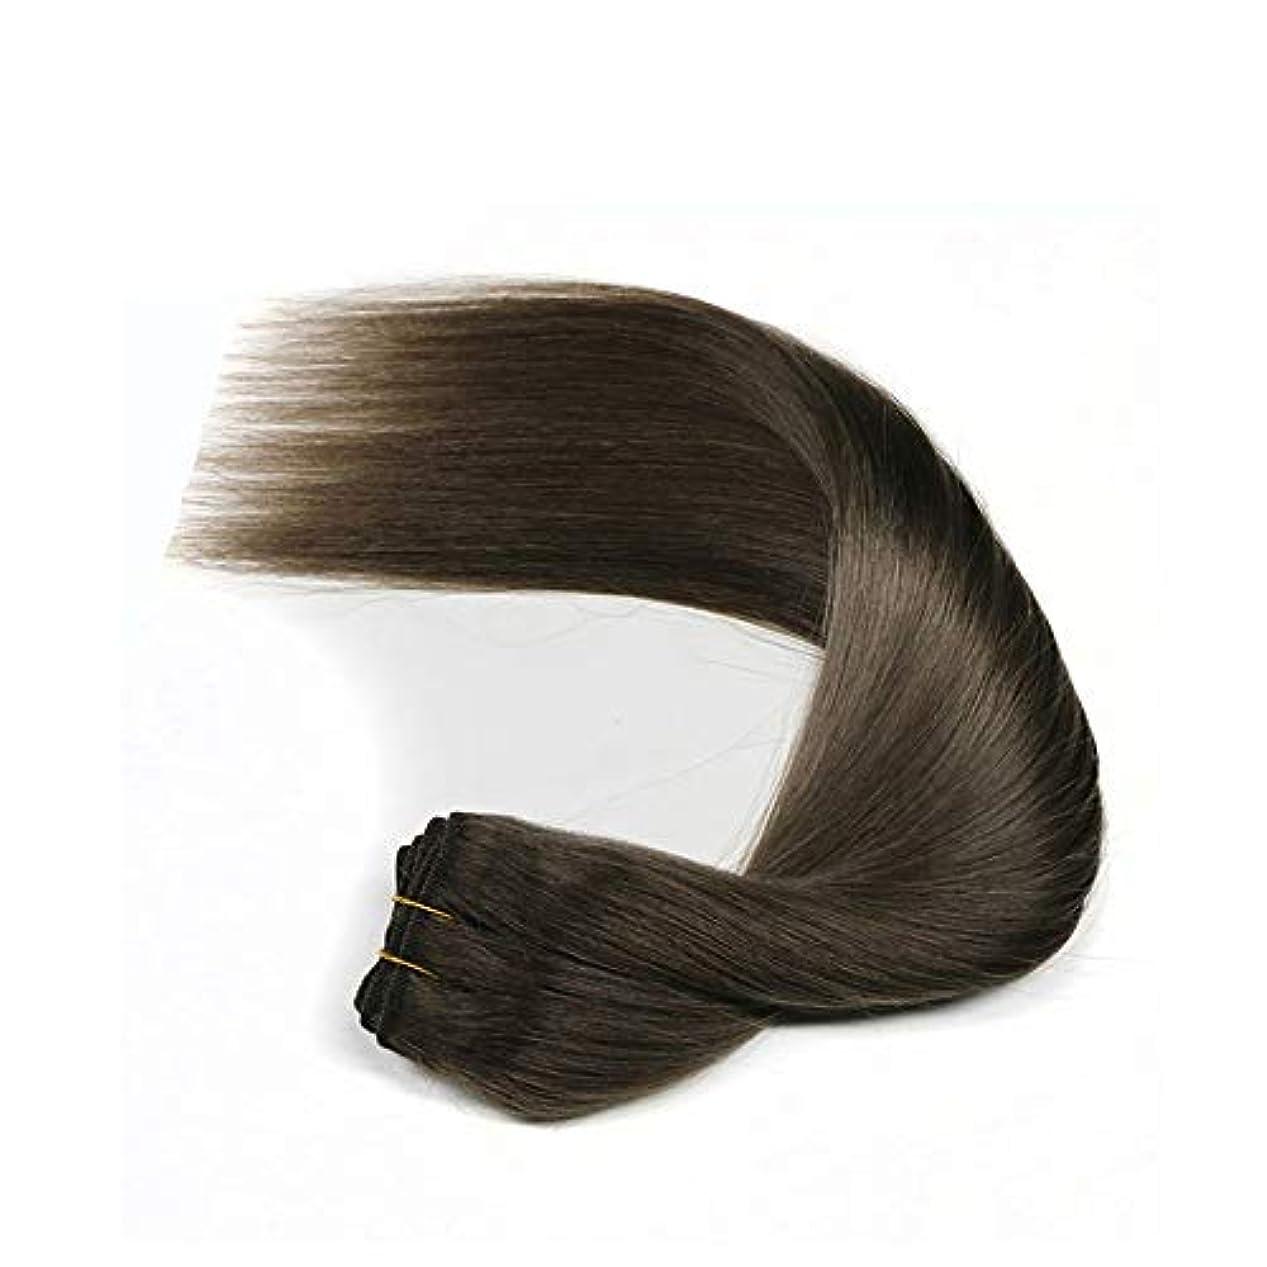 全体に液化する追放するJULYTER 女性のためのブラジルの100%未処理の人間の髪の束ストレートヘア生物学的な黒いSemblance (色 : Natural color, サイズ : 20 inch)